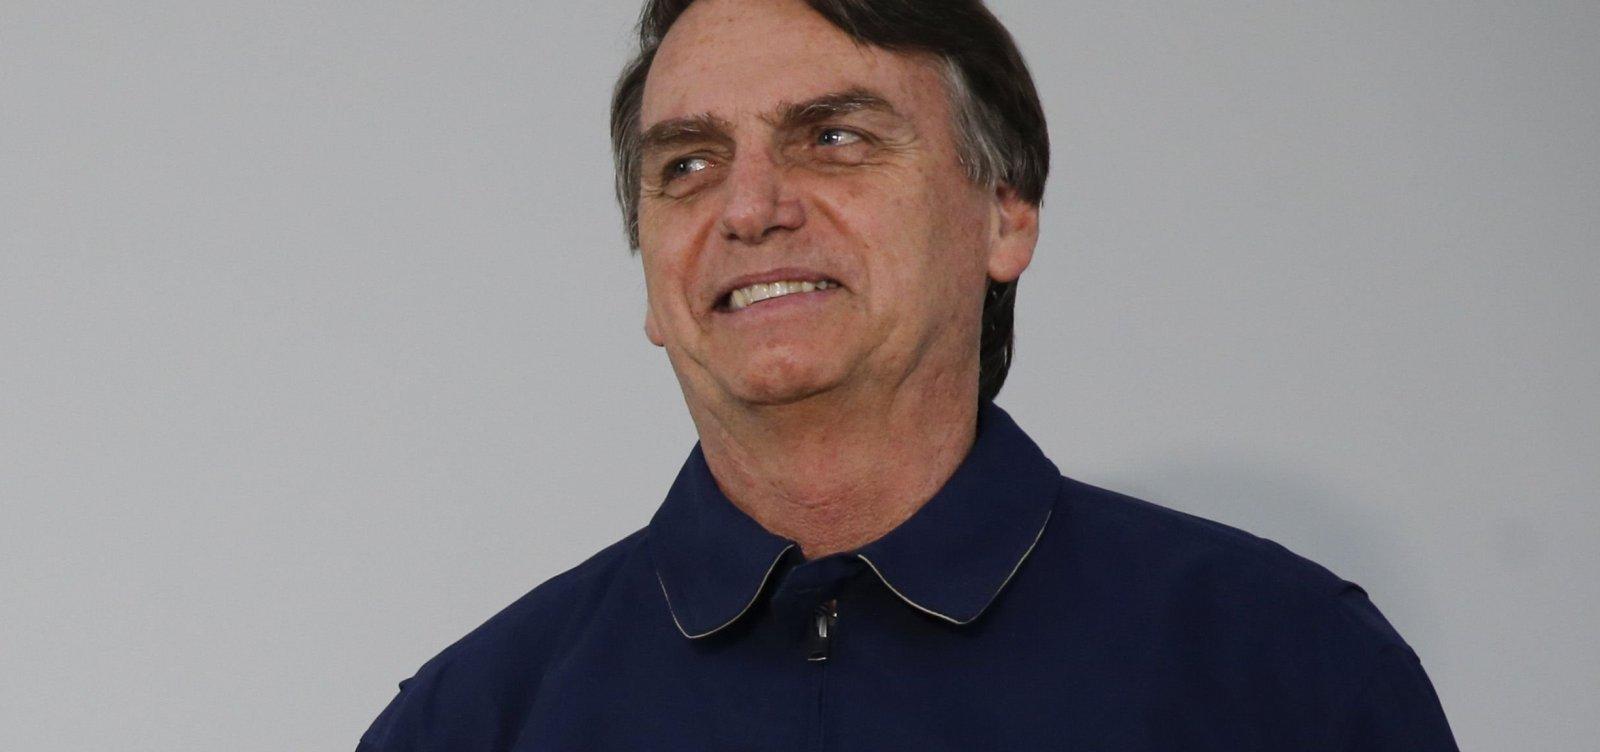 Bolsonaro muda estratégia após queda nas pesquisas